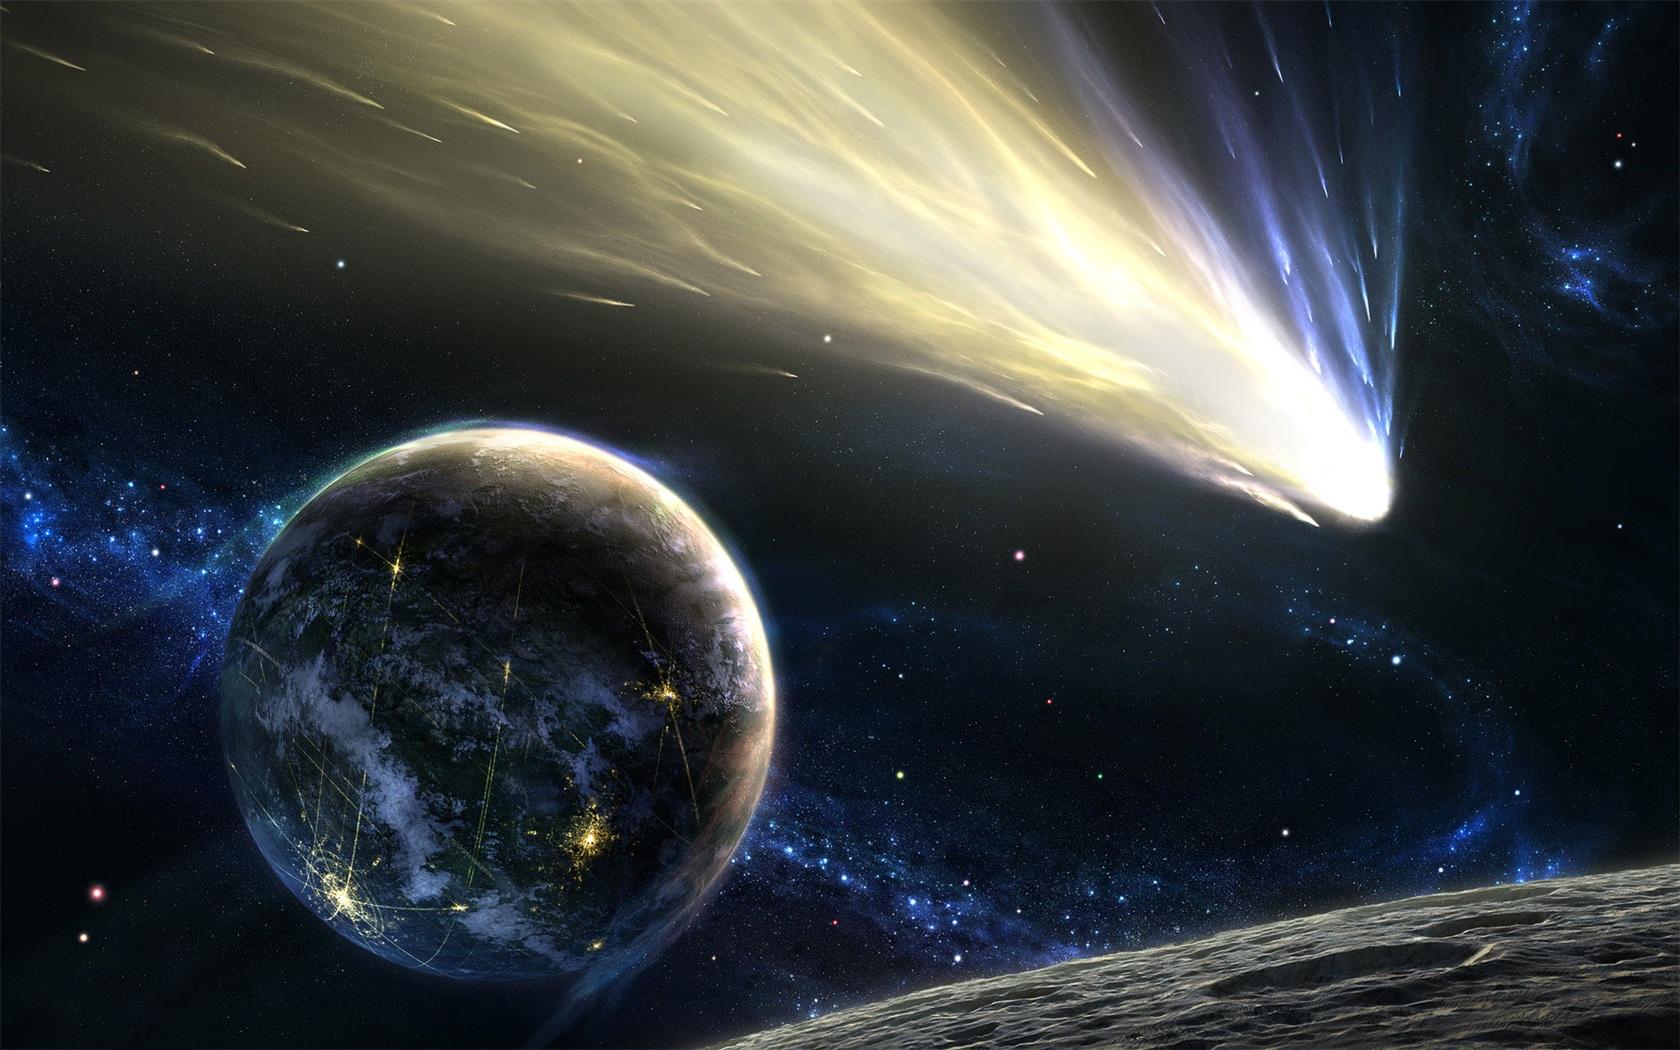 フライング彗星 壁紙 - 1680x1050   フライング彗星 壁紙